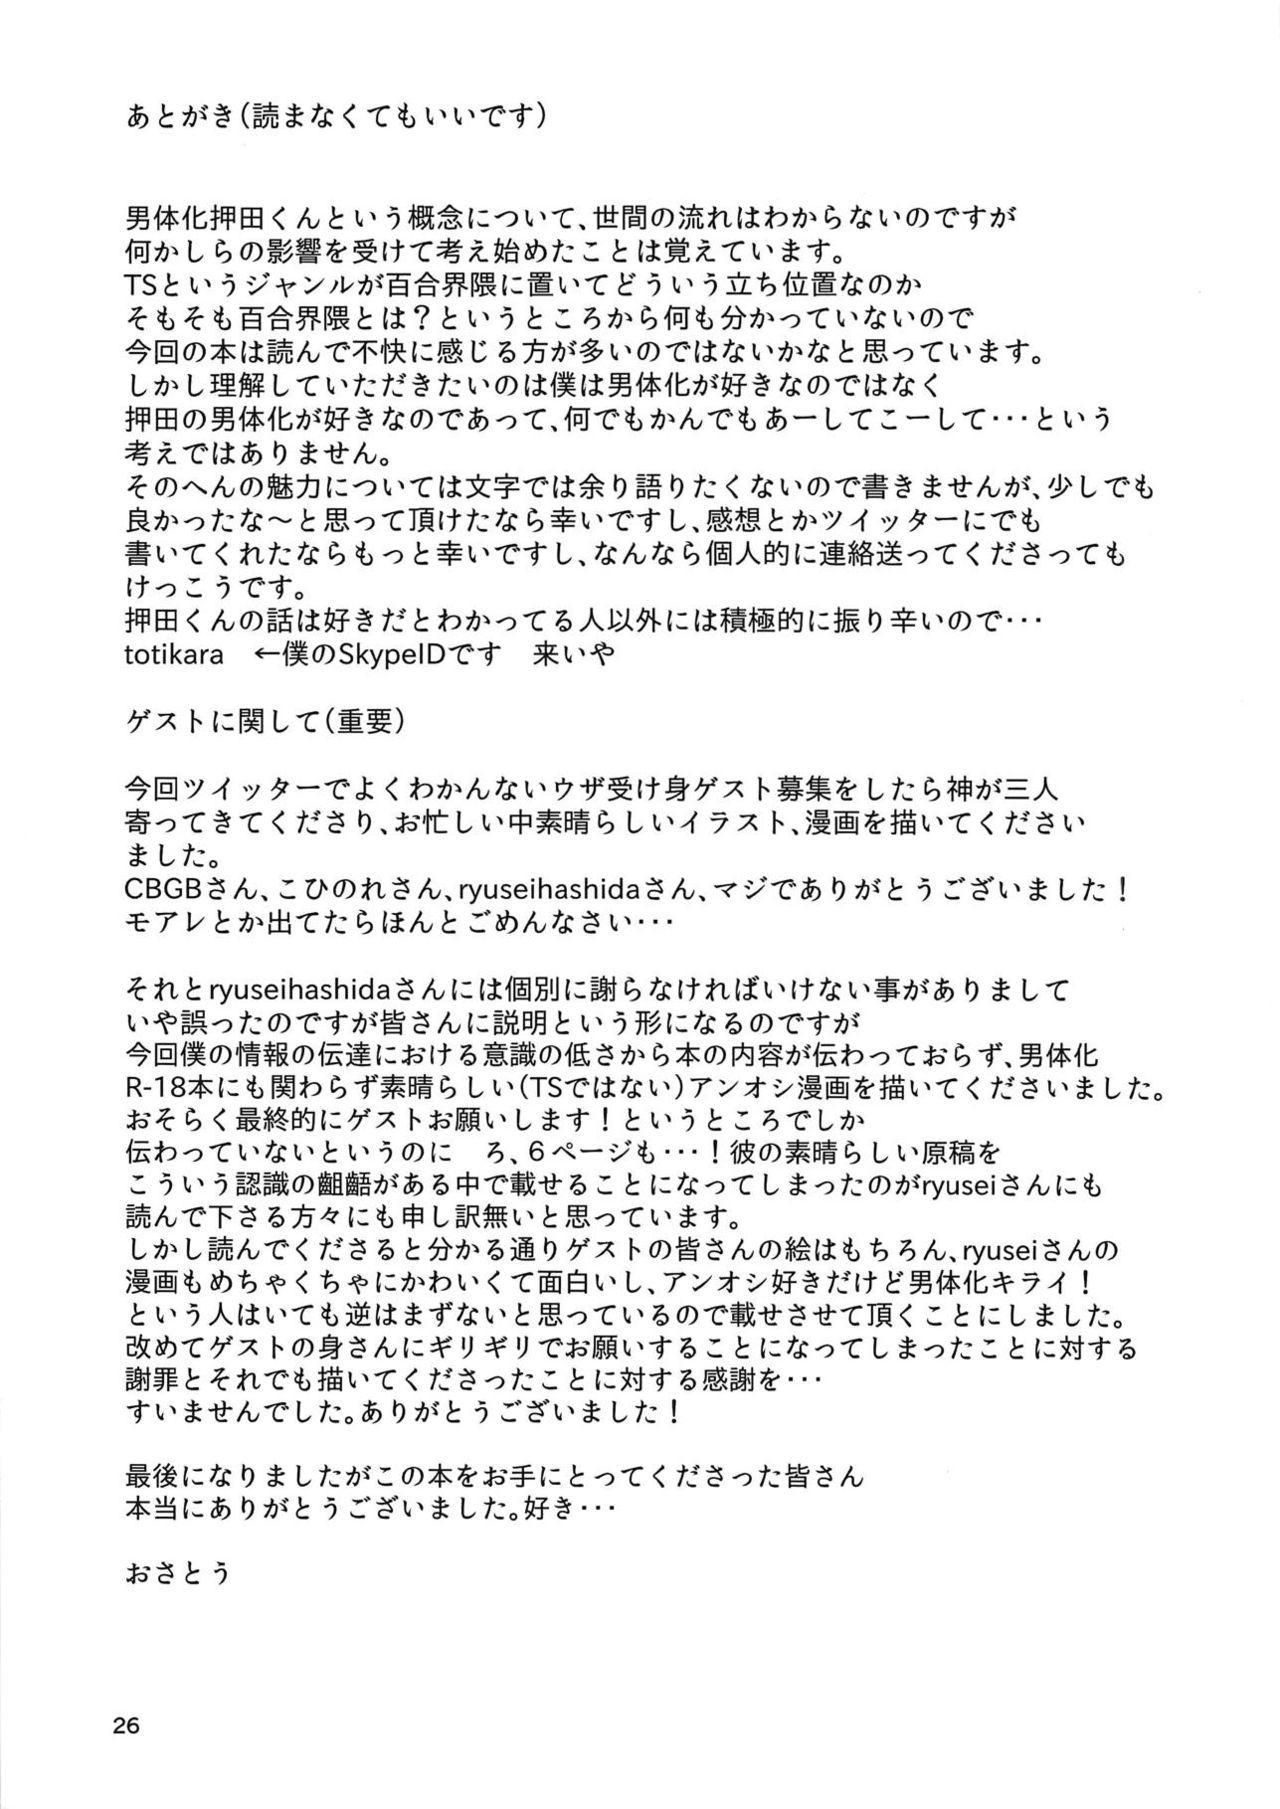 Oshida-kun no Shiroi no 24